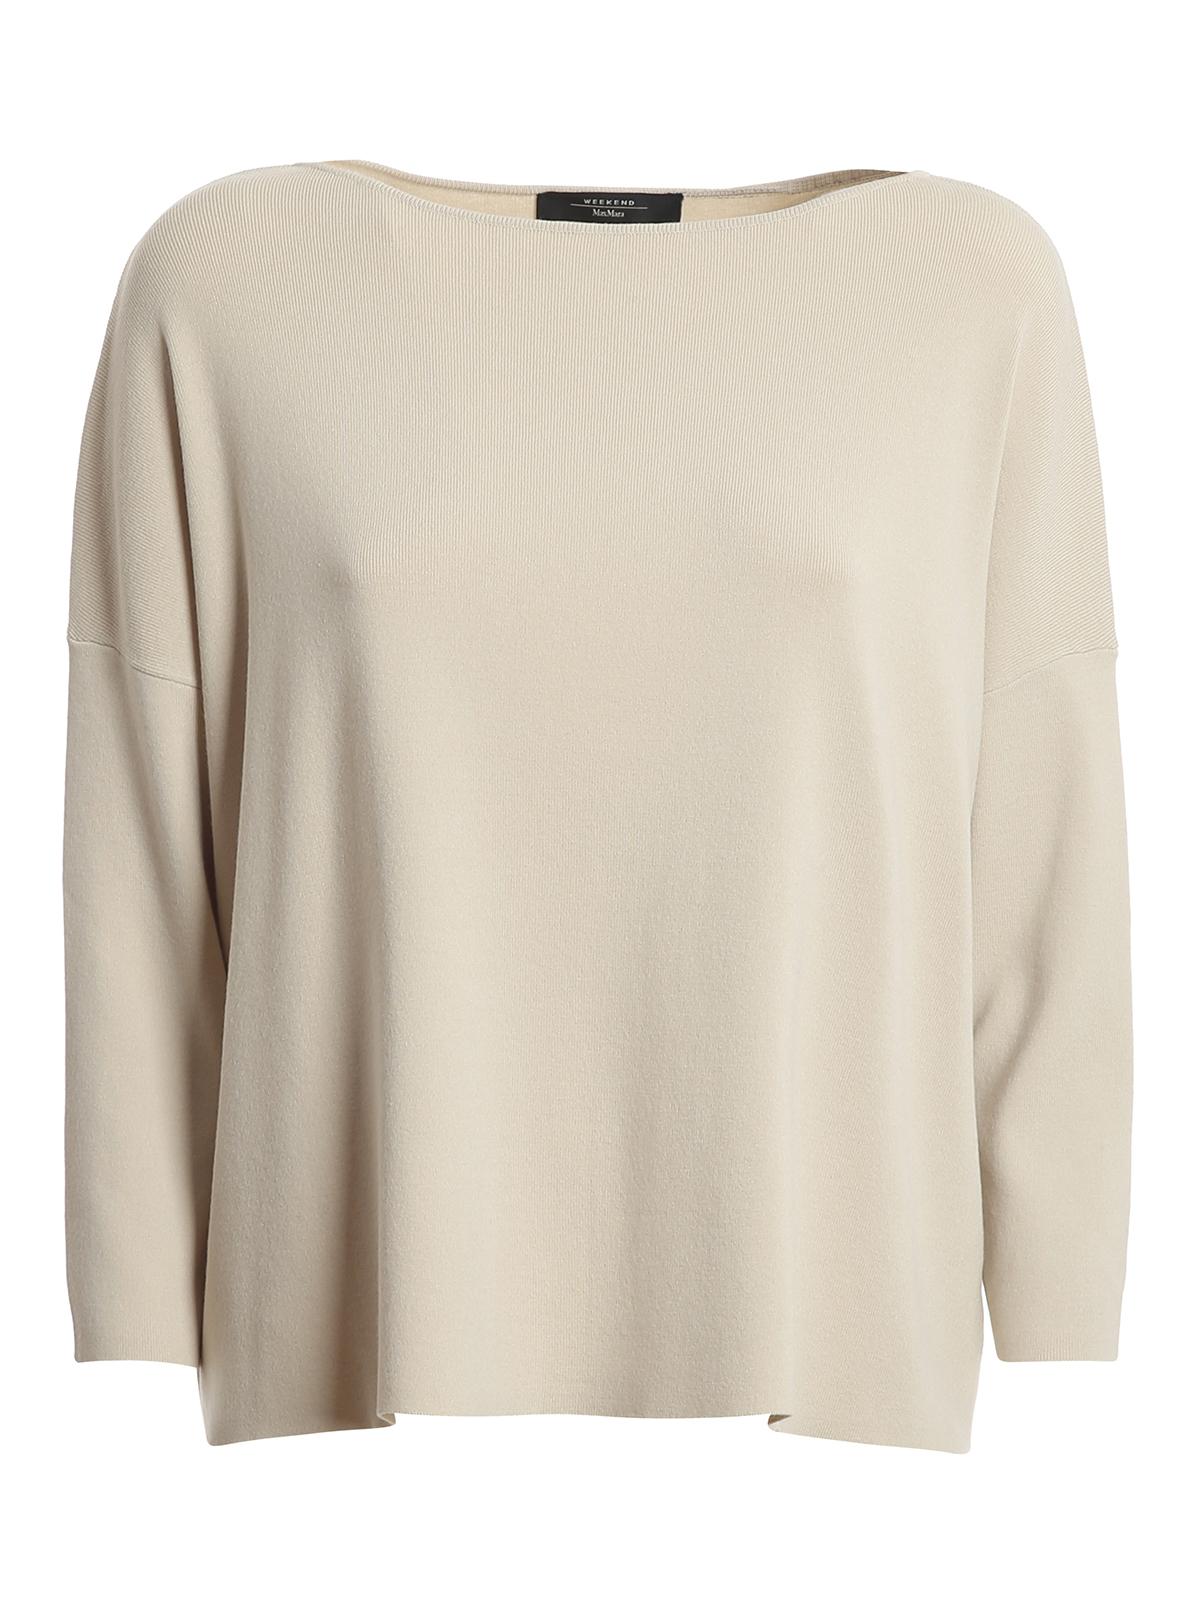 Weekend Max Mara Nadar Sweater In Light Beige